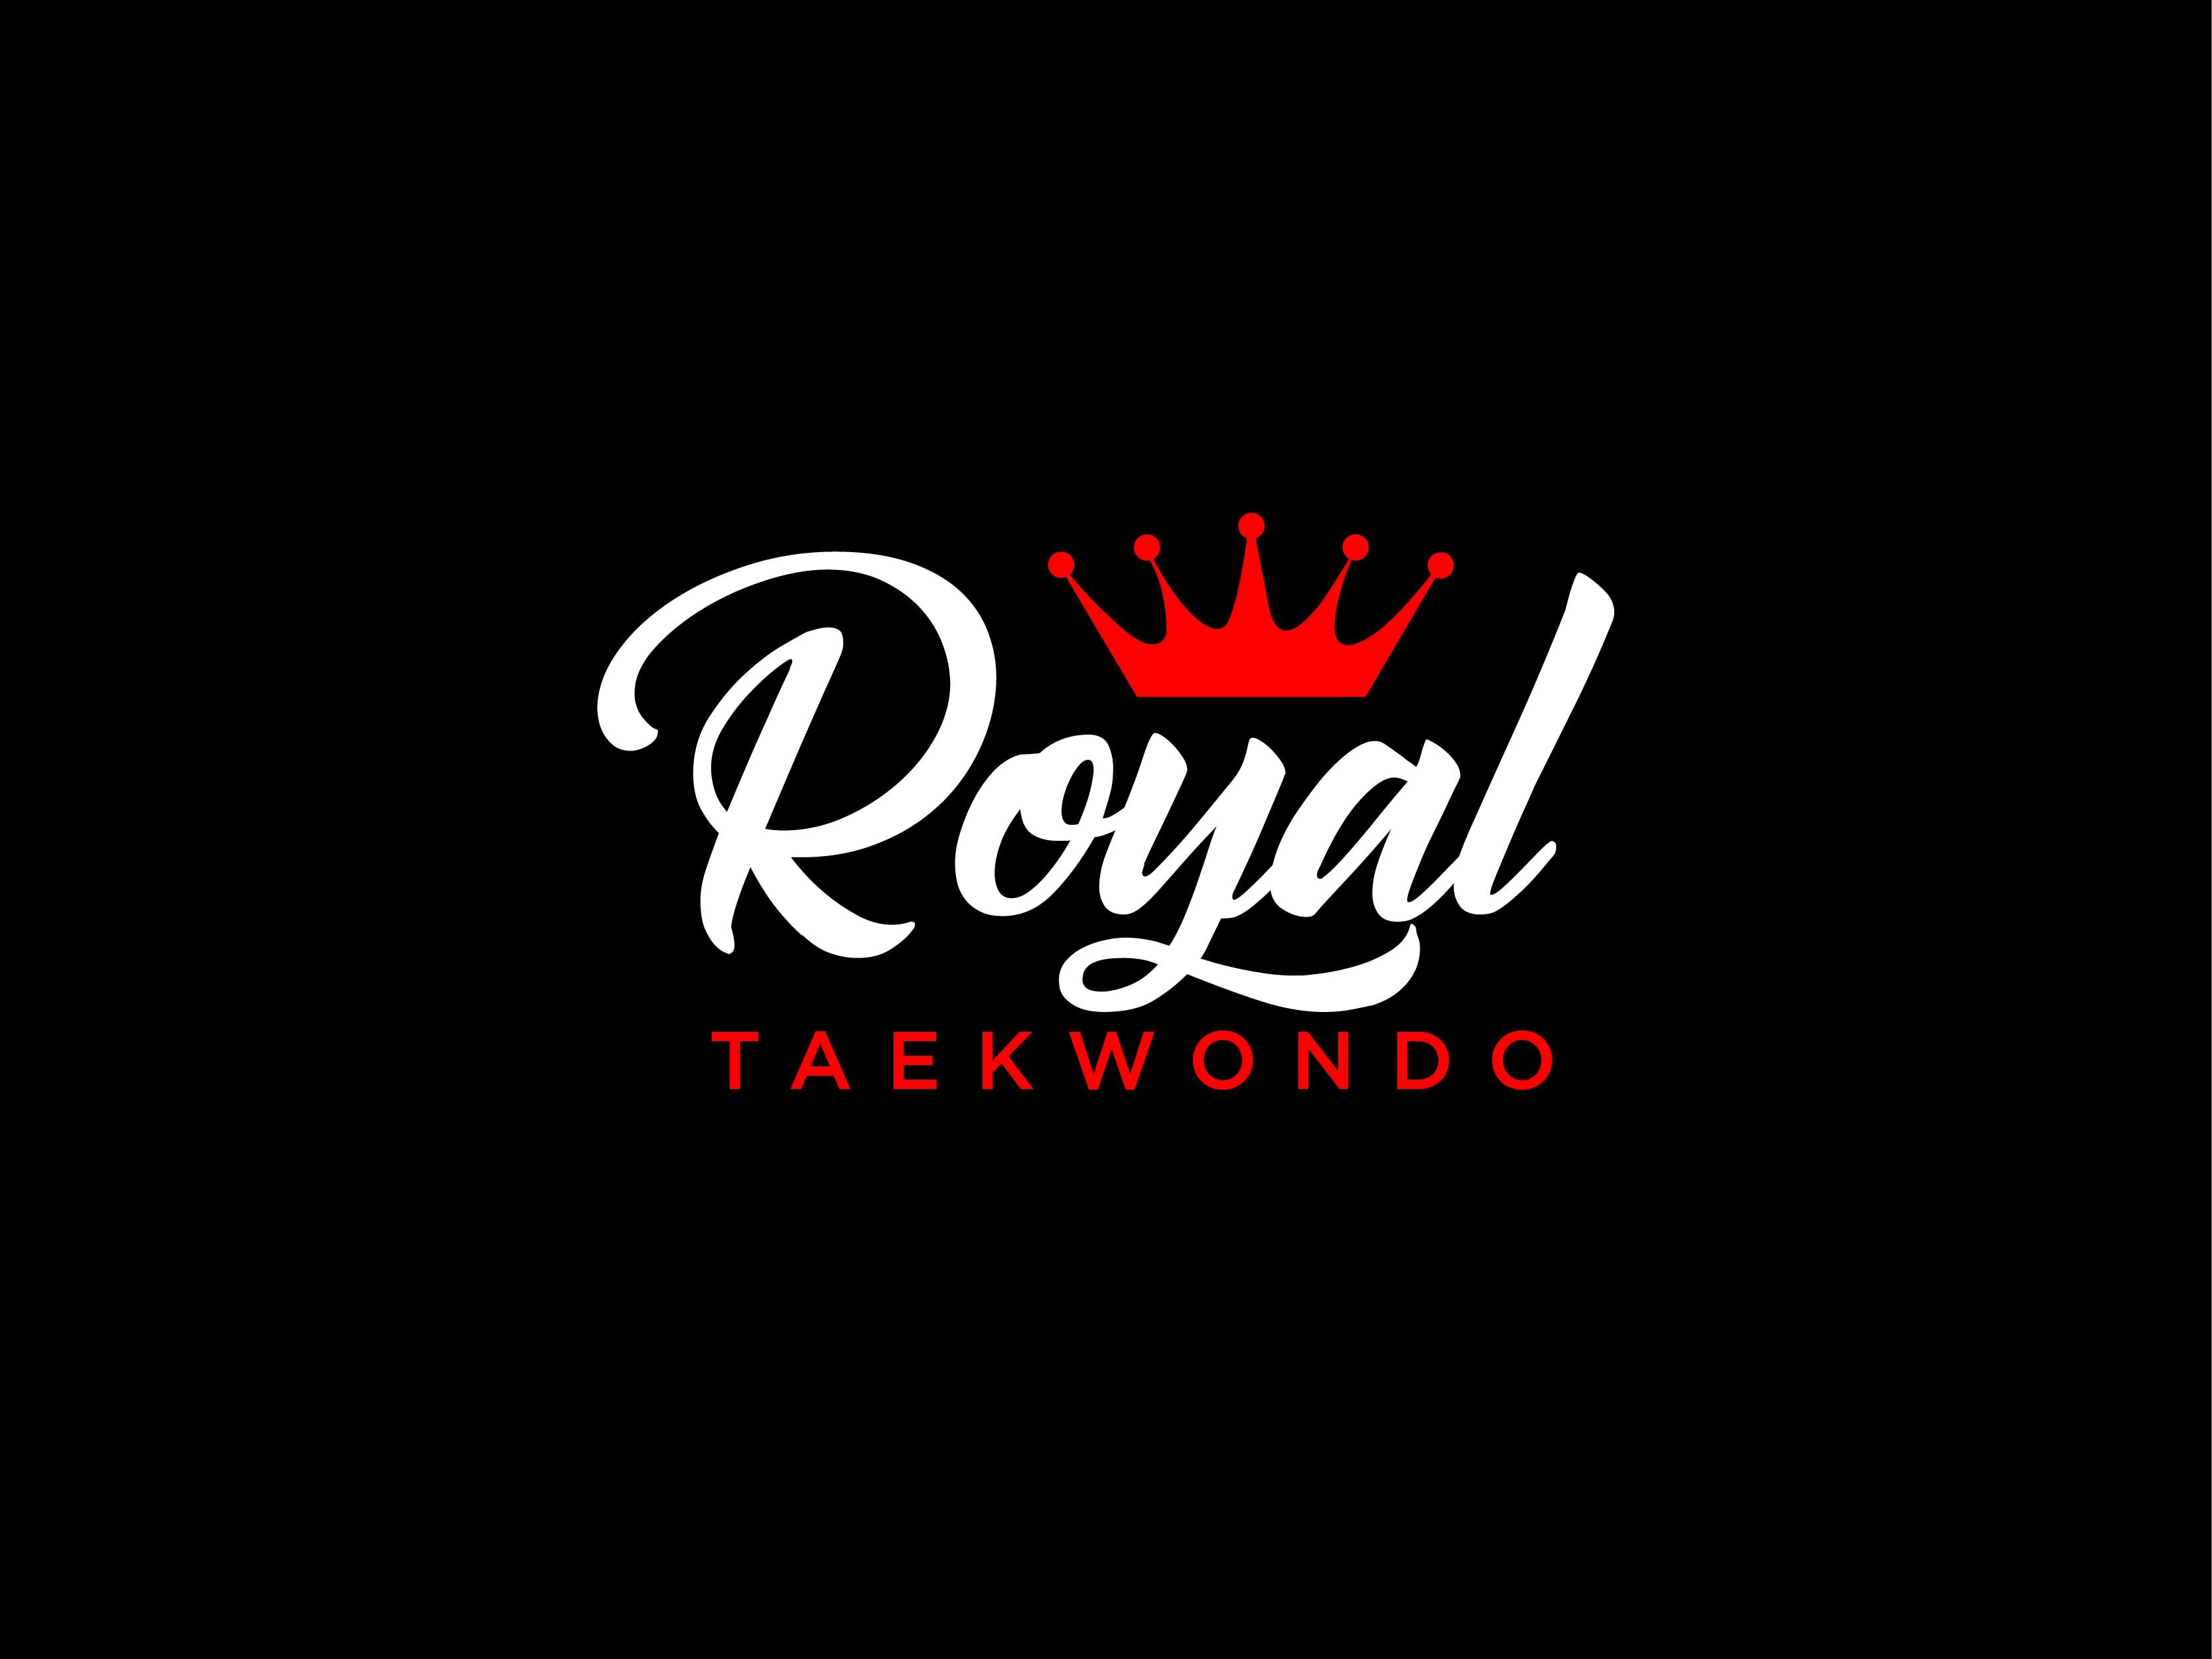 Royal Taekwondo